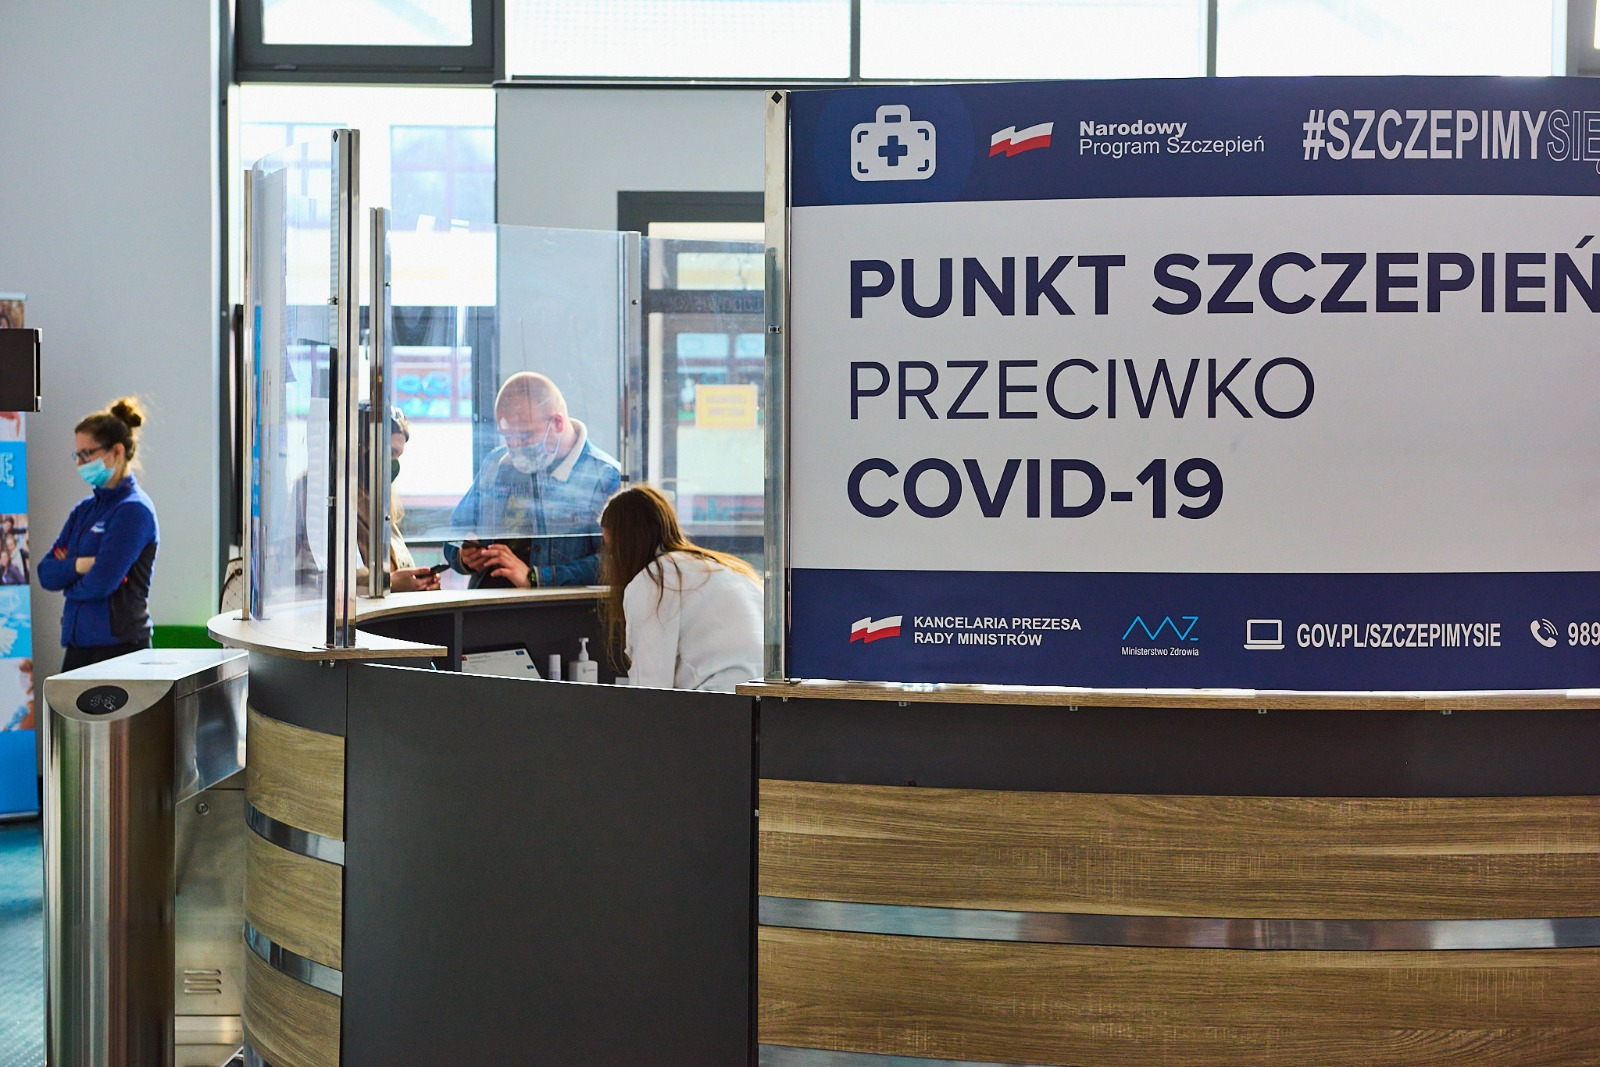 Powszechny Punkt Szczepień w Redzikowie Gmina Słupsk